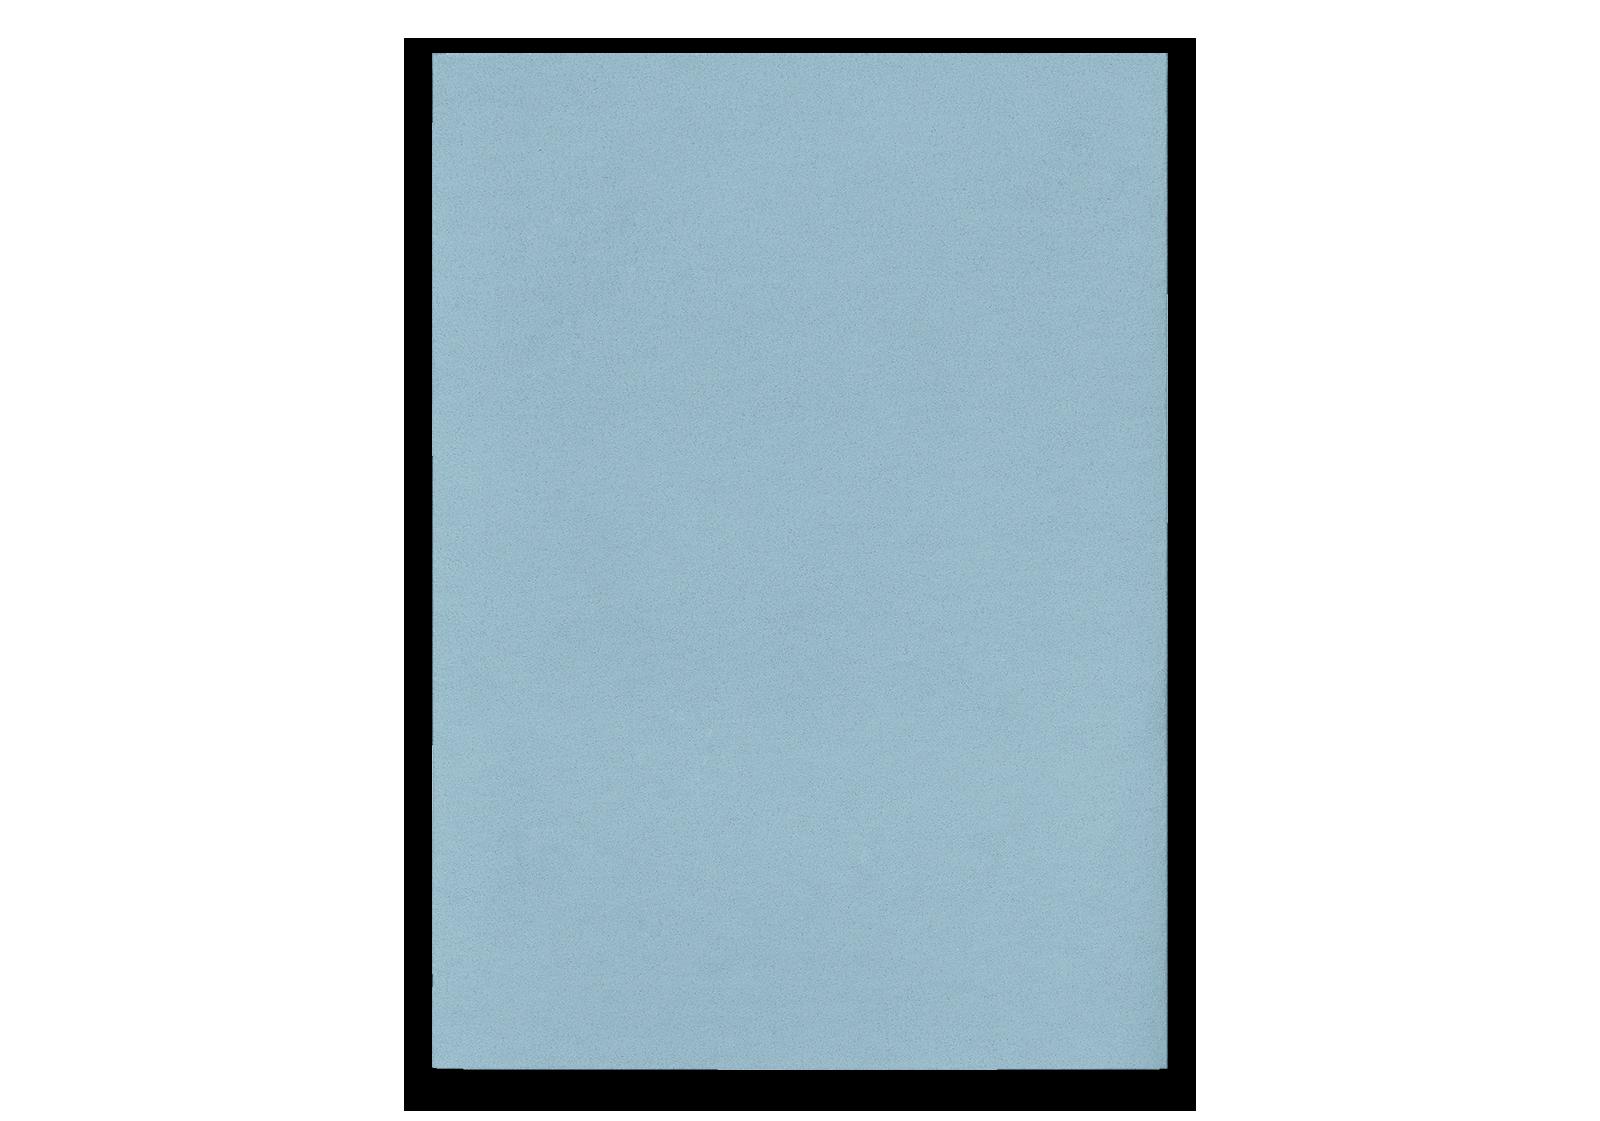 Notizheft L blau punktiert